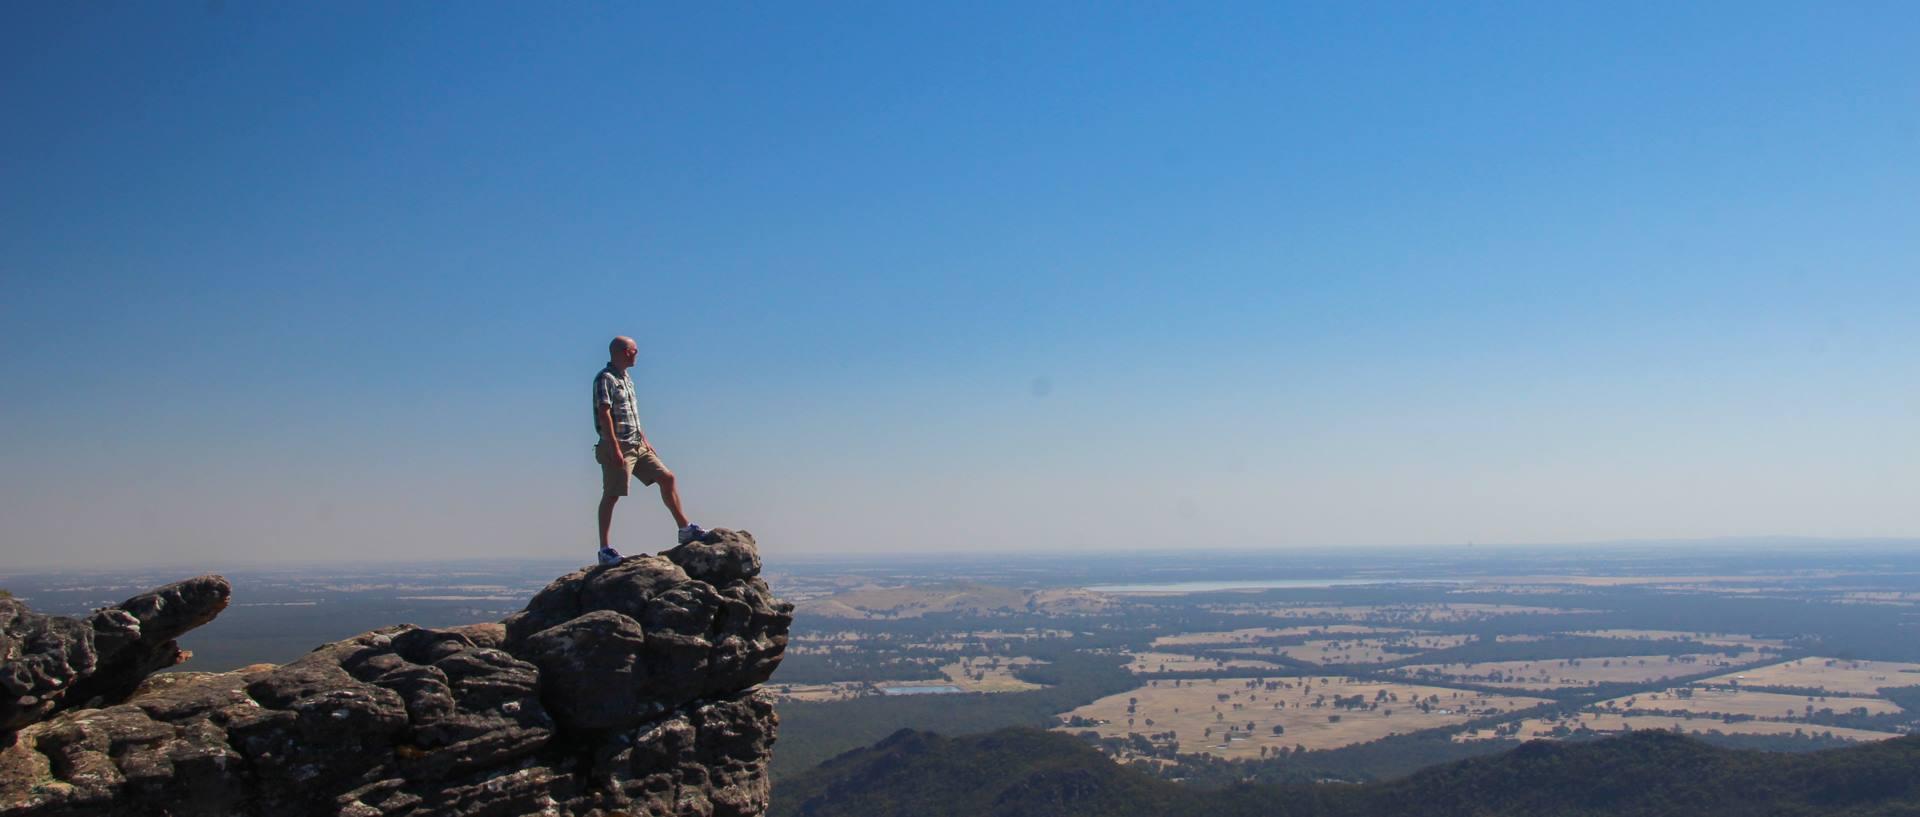 I climbed a thing